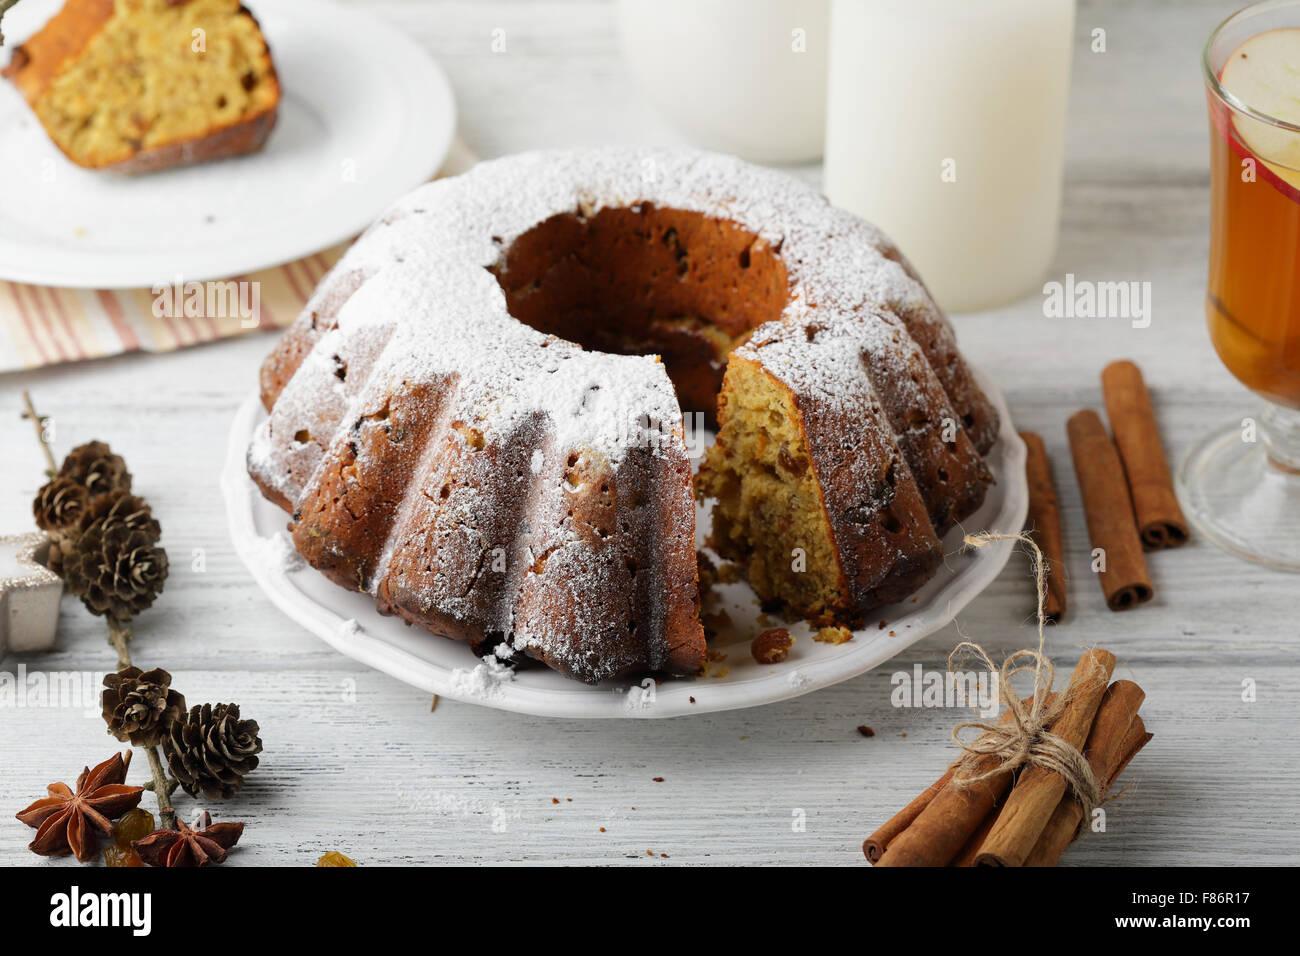 Weihnachtskuchen mit rum, Essen Nahaufnahme Stockbild